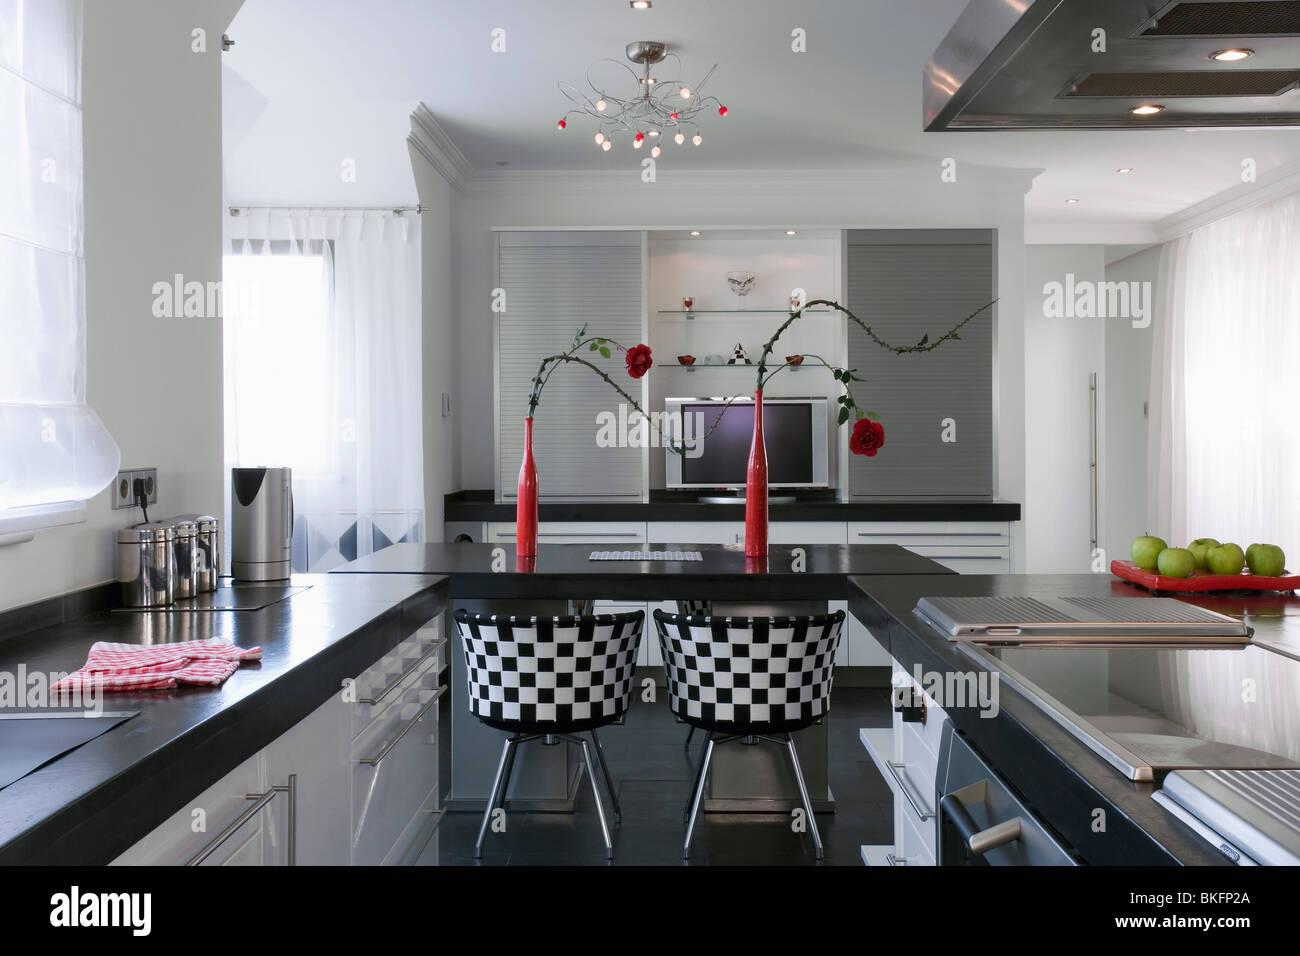 Berühmt Küche Lieferanten Derry Zeitgenössisch - Küchenschrank Ideen ...